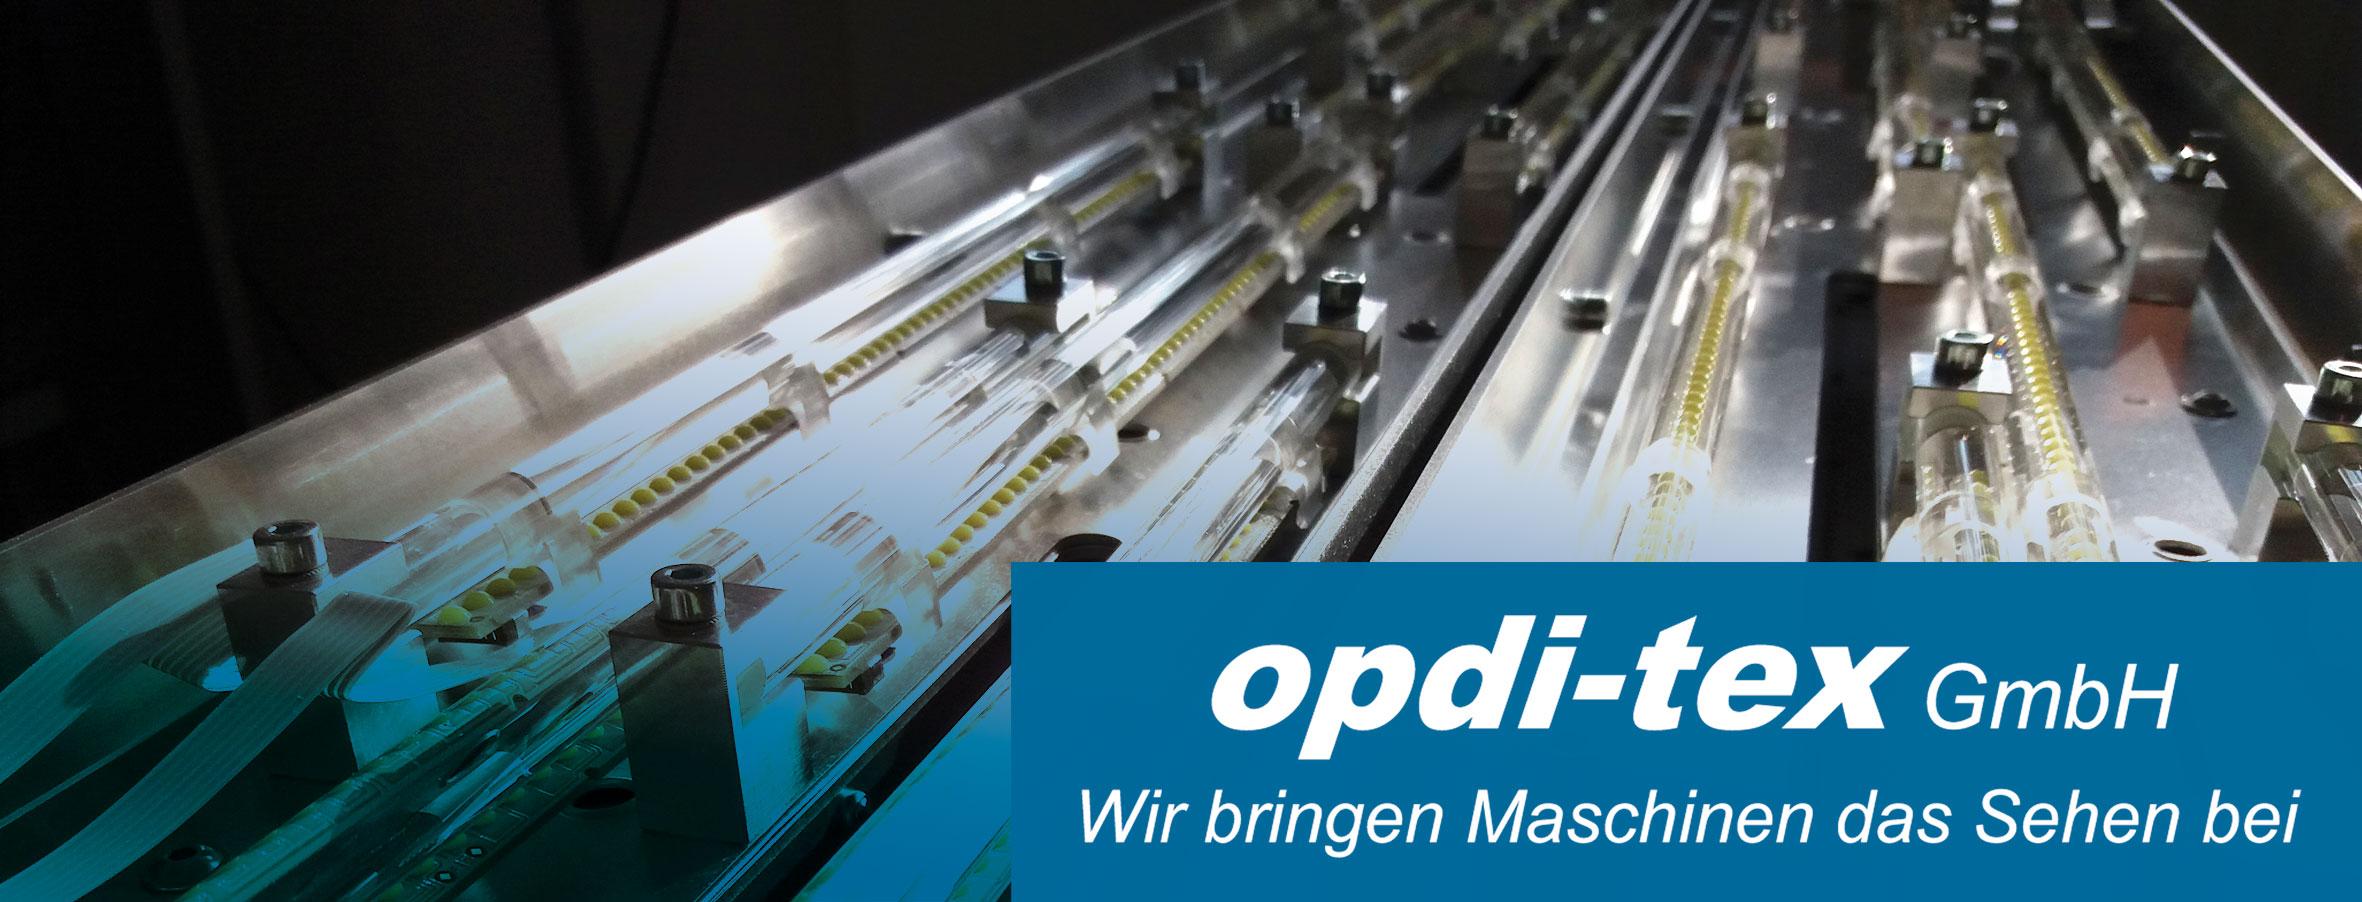 www.opdi-tex.de ...Wir bringen Maschinen das Sehen bei!